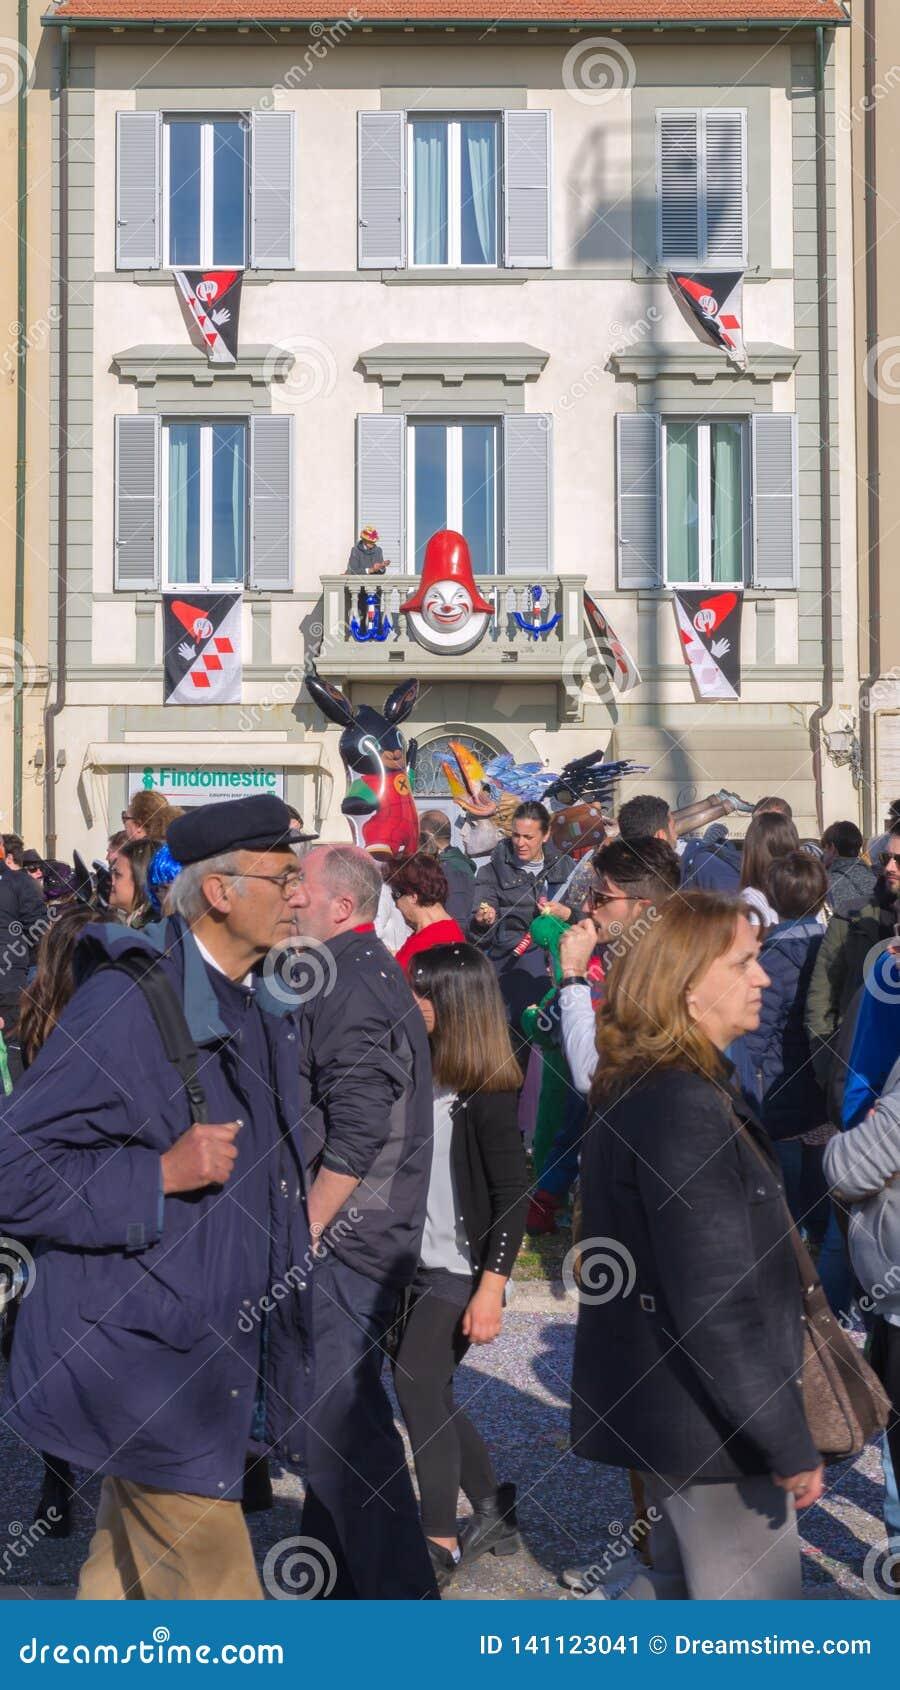 欢乐地装饰了房子,维亚雷焦狂欢节,托斯卡纳,意大利